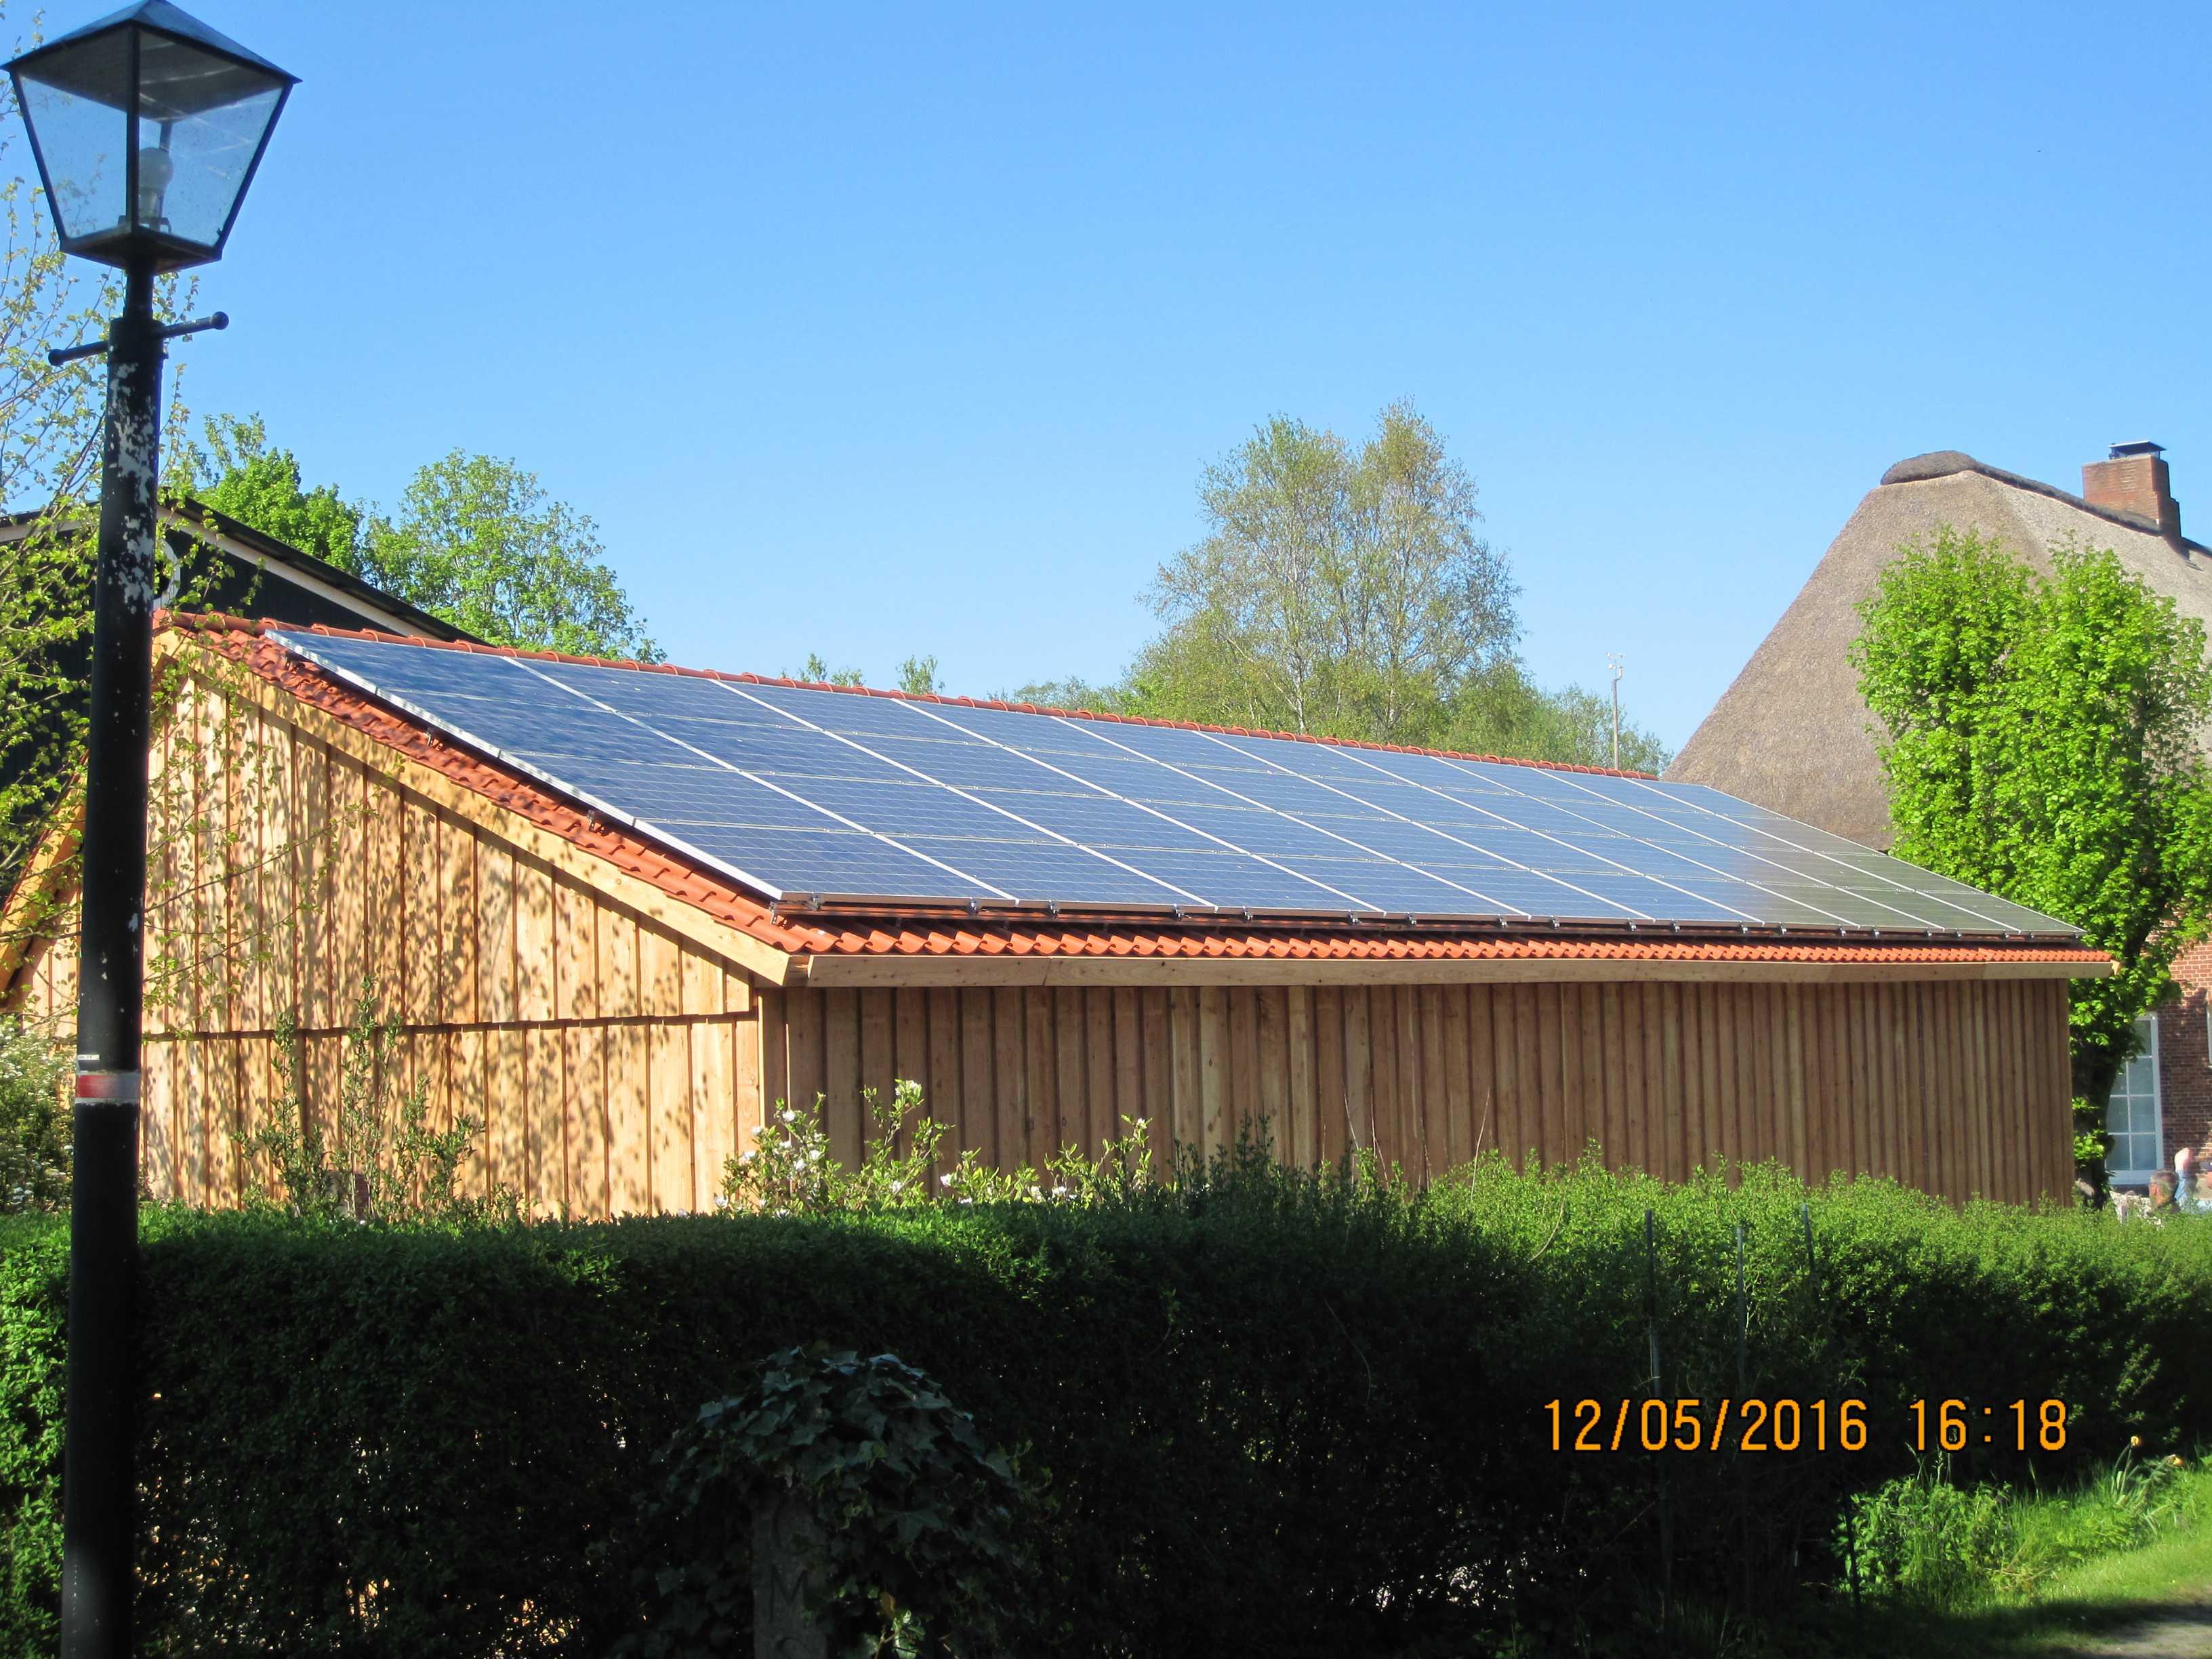 Satteldach-Carport mit Photovoltaik-Anlage